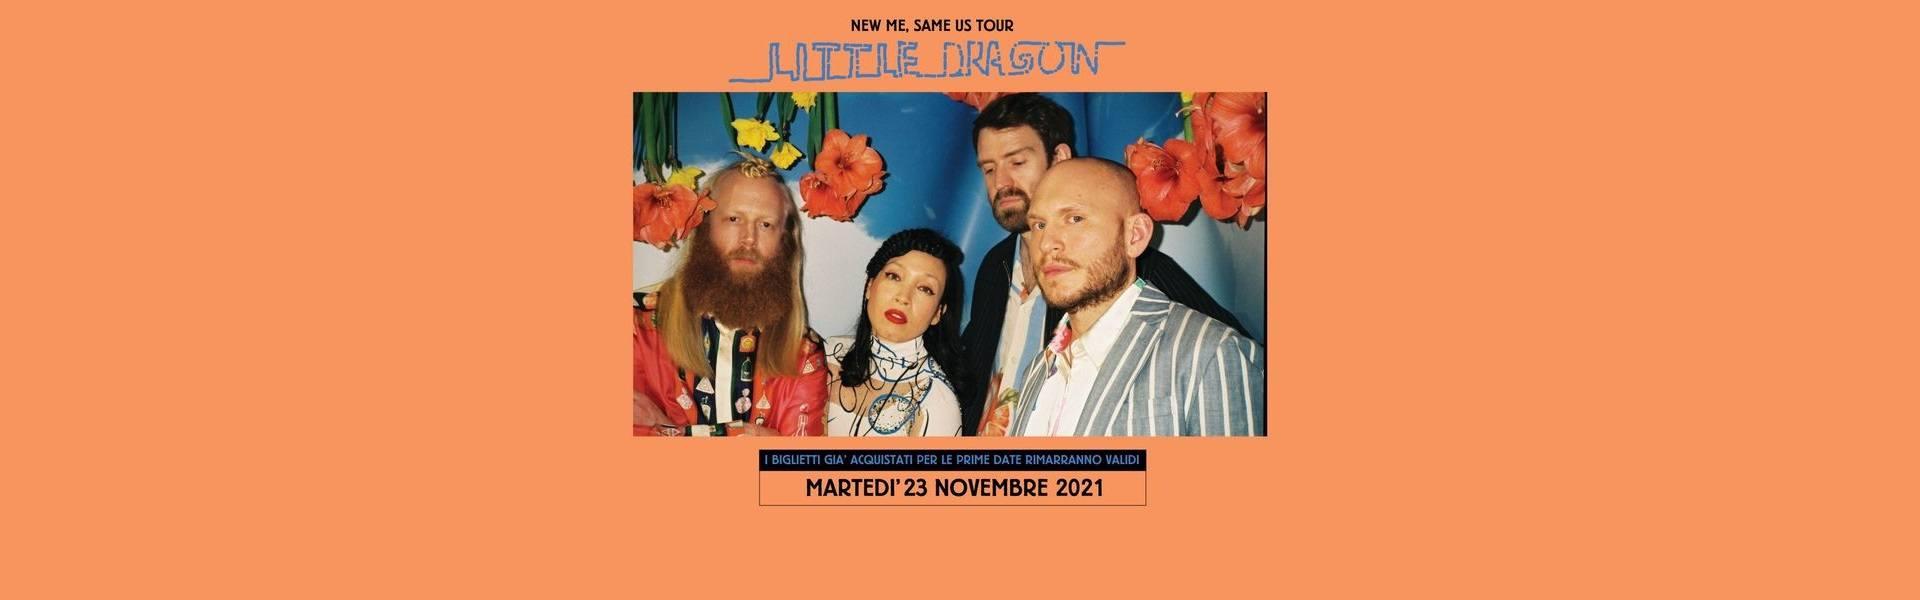 Little Dragon Concert at Santeria Toscana 31 Milano 23/11/2021 biglietti Mailticket tickets   Notizie